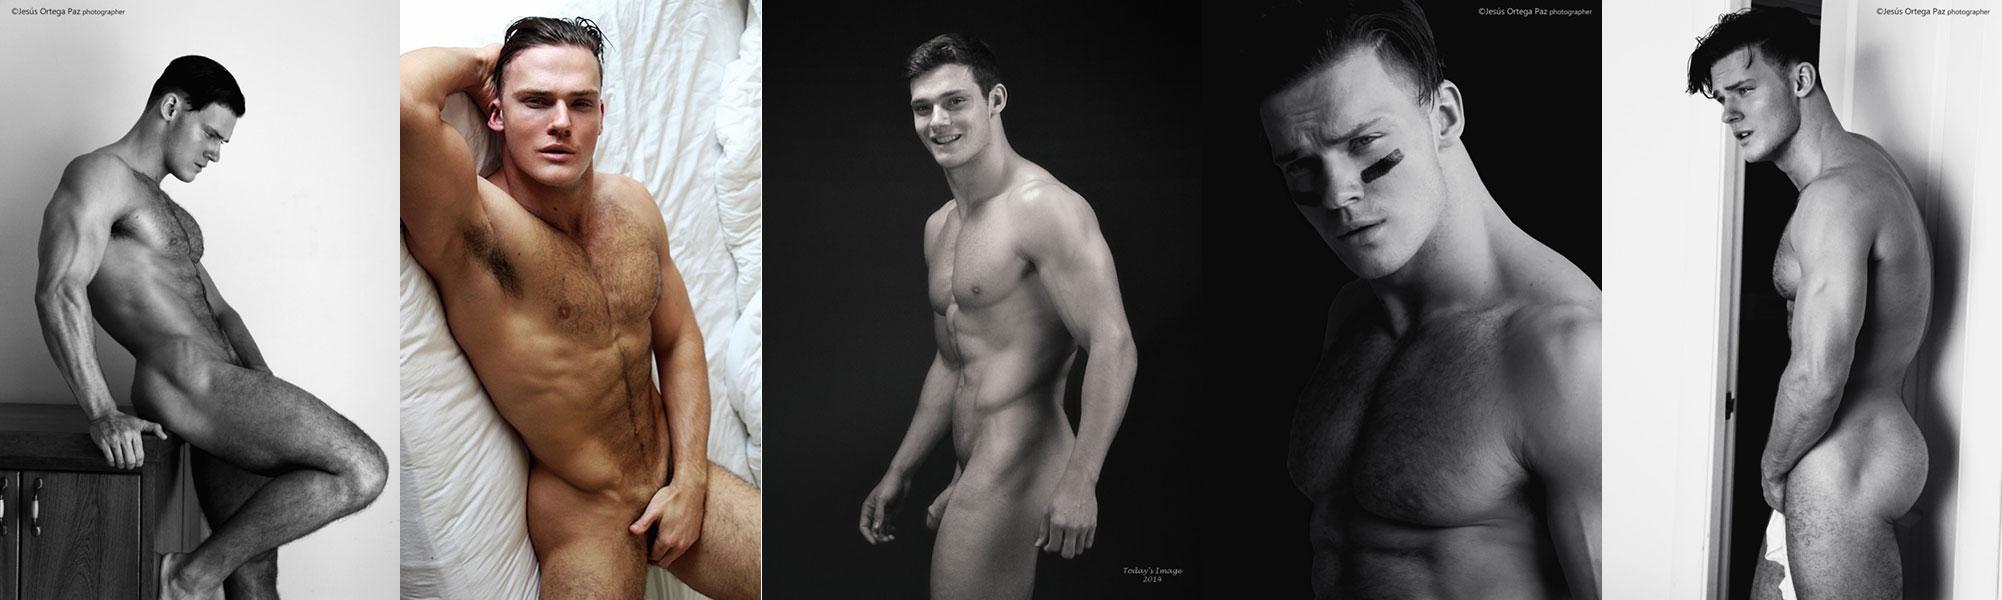 Modelicious Ben Todd – Aussielicious